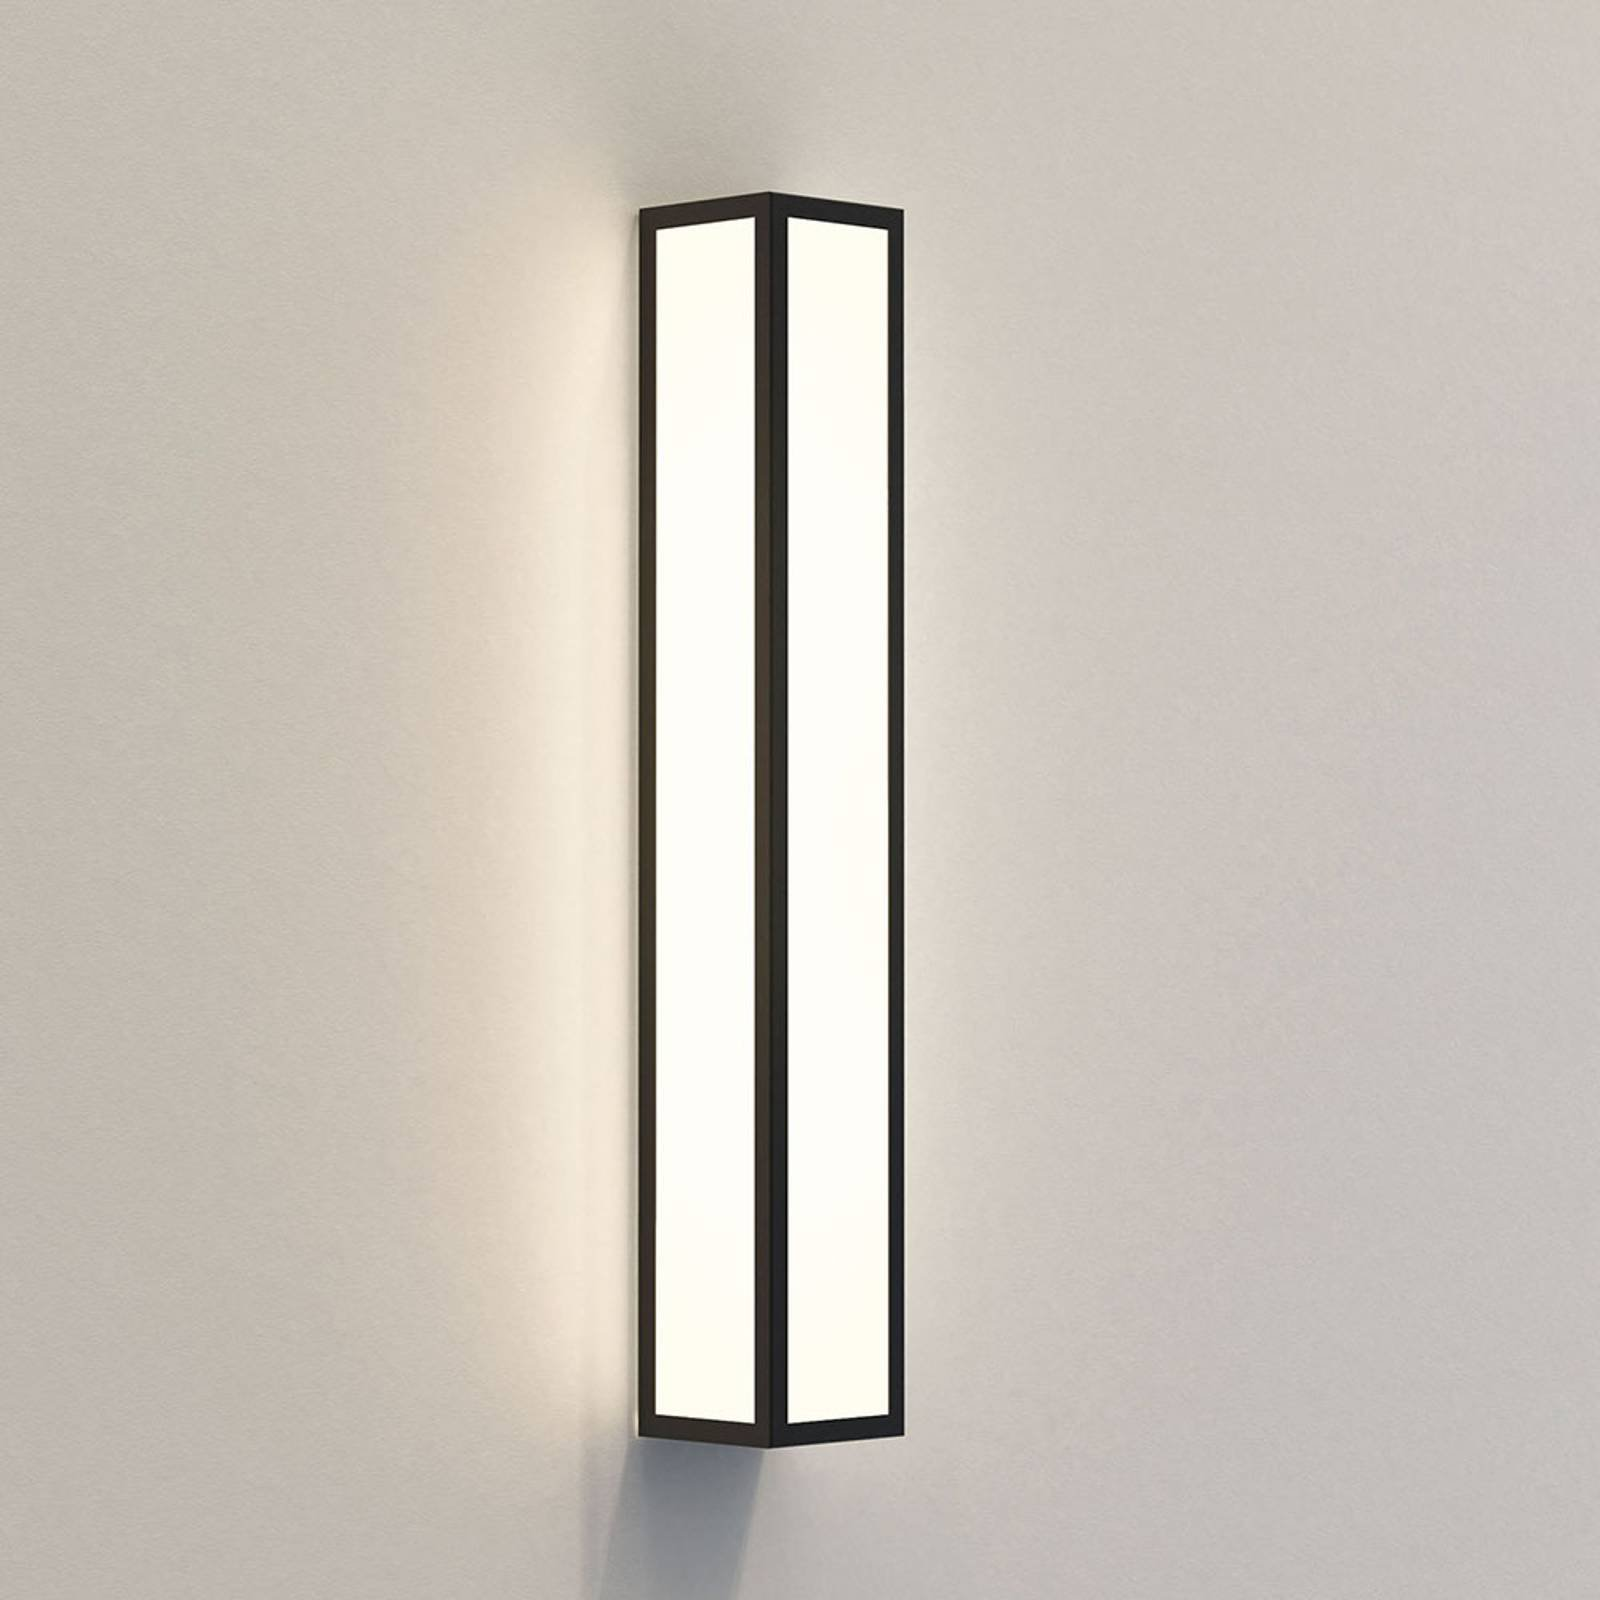 Astro Salerno 520 utendørs LED-vegglampe 52 cm